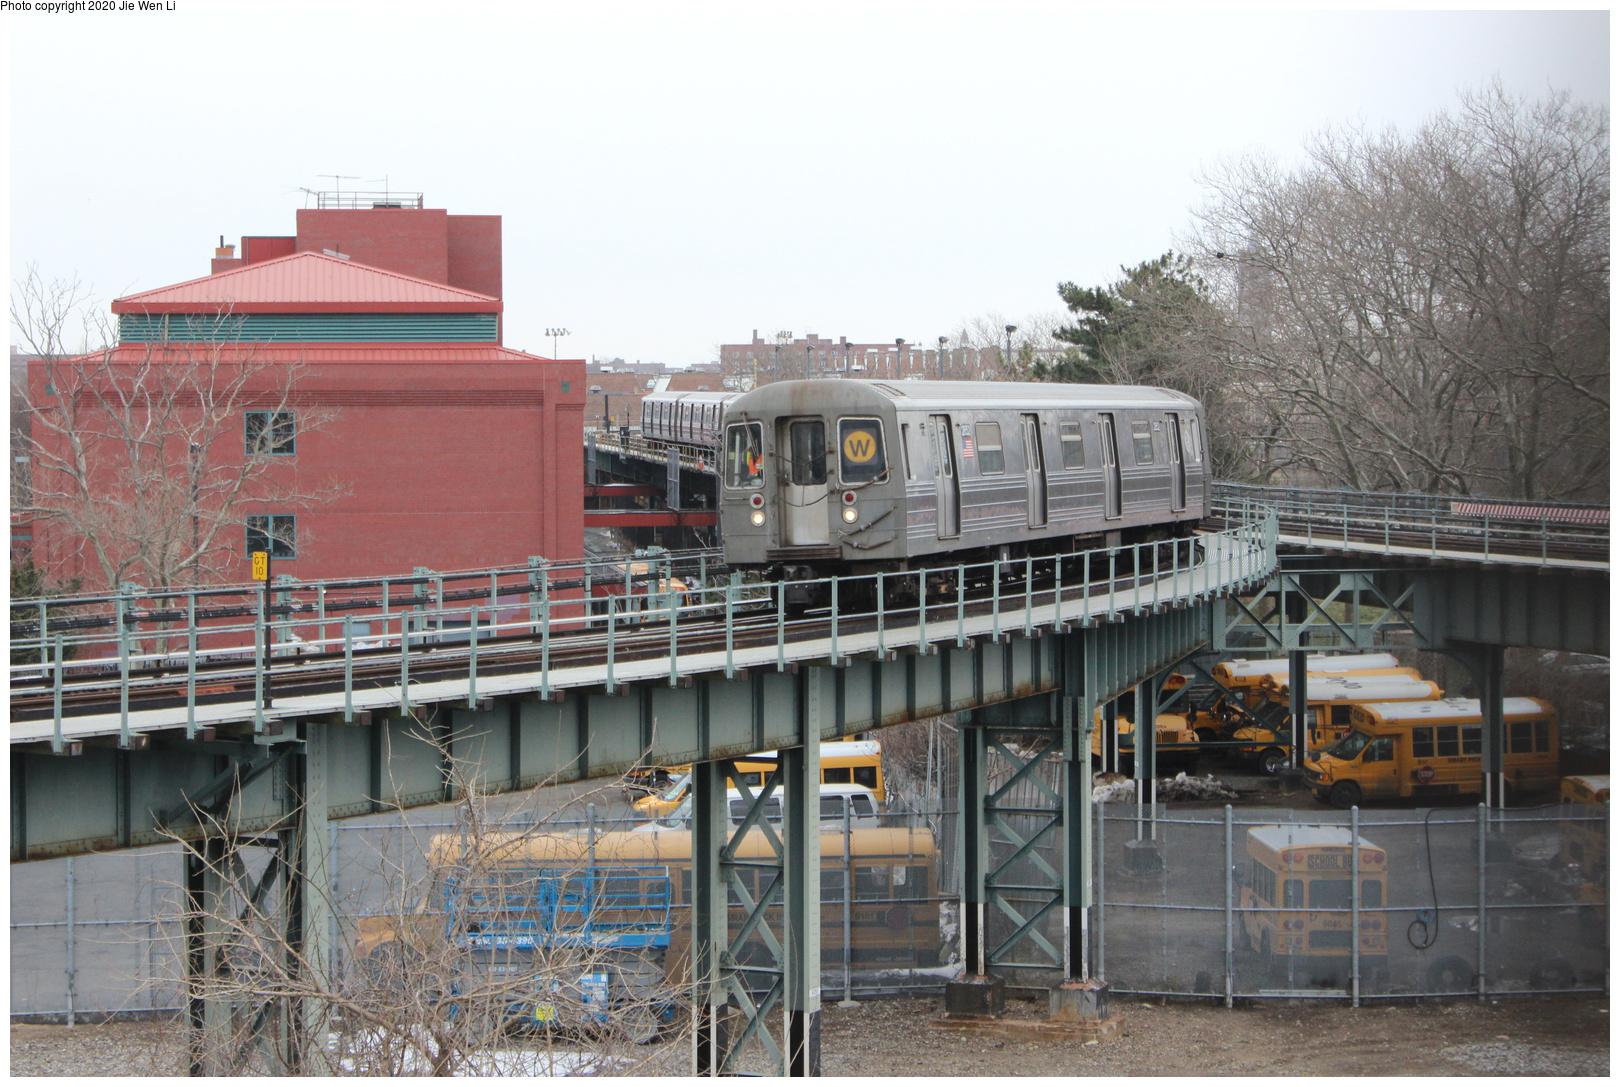 (220k, 1044x691)<br><b>Country:</b> United States<br><b>City:</b> New York<br><b>System:</b> New York City Transit<br><b>Line:</b> IRT White Plains Road Line<br><b>Location:</b> East 180th Street <br><b>Car:</b> Manhattan El  <br><b>Photo by:</b> Joel Shanus<br><b>Viewed (this week/total):</b> 5 / 3696